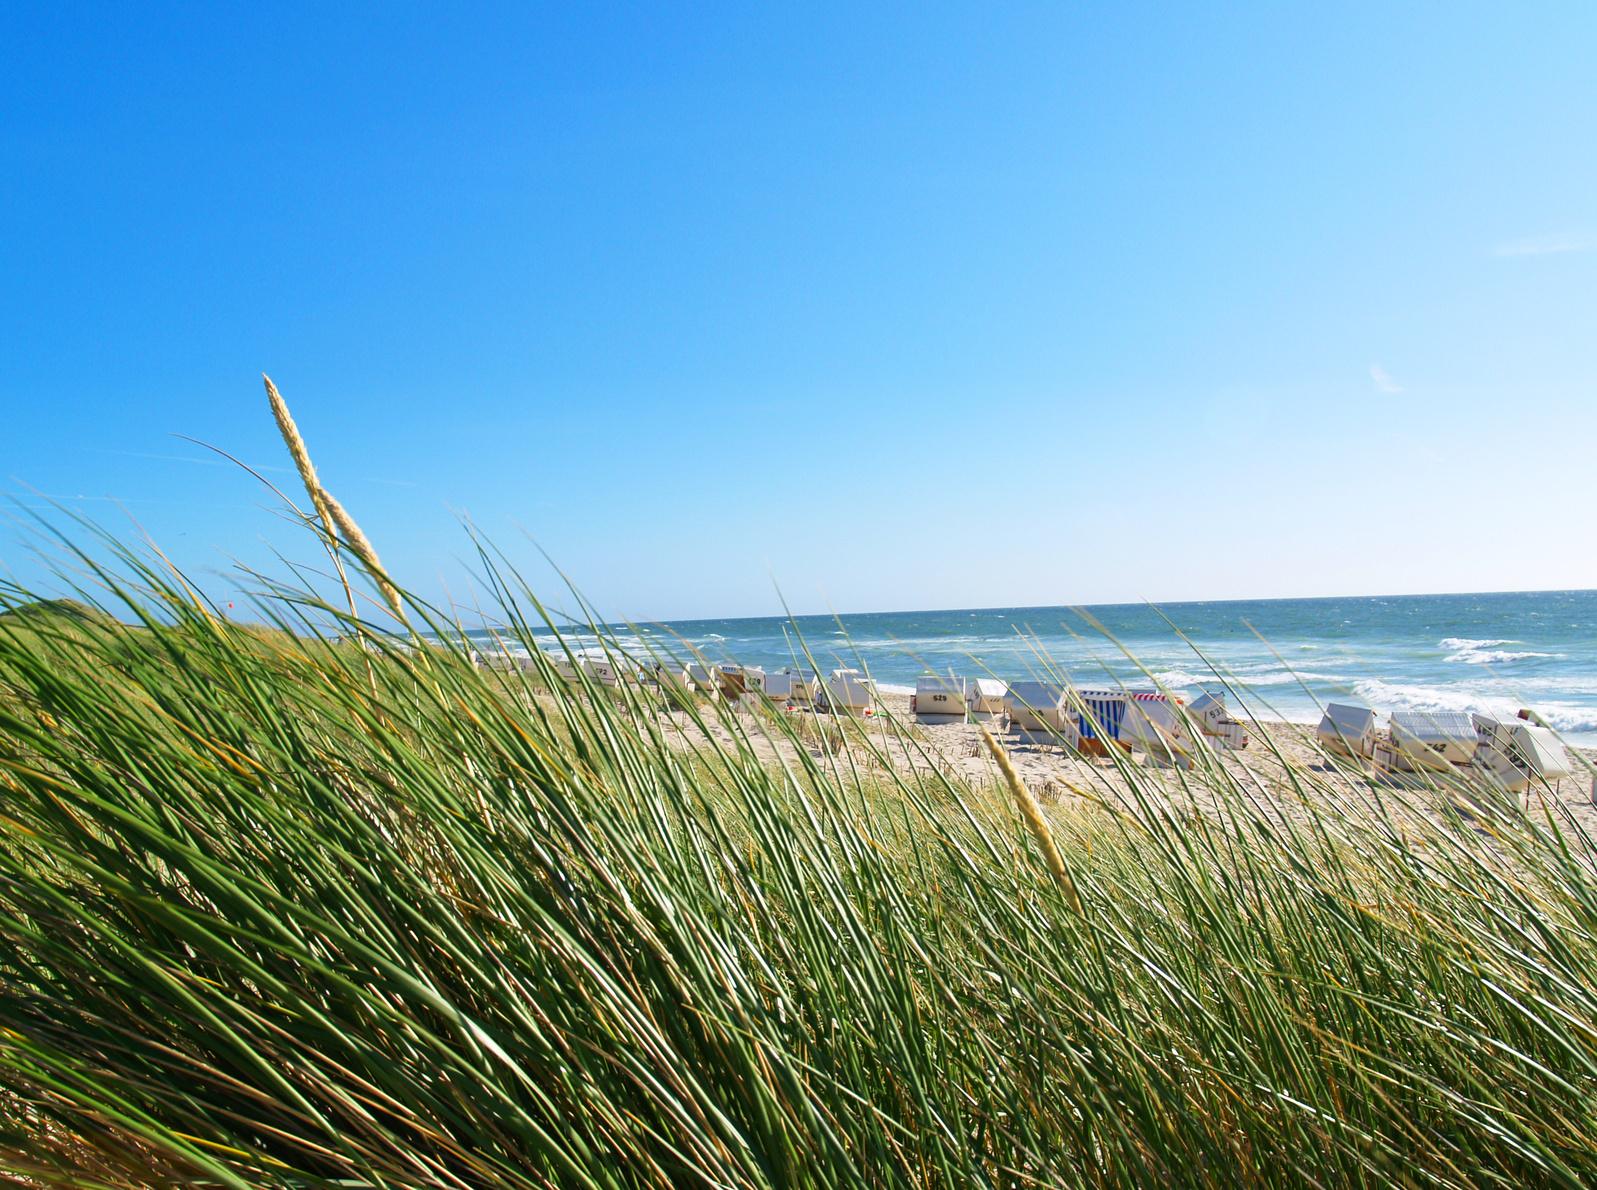 Der Artikel hebt den positiven Effekt des Reizklimas der Nord- und Ostsee in Bezug auf Hautkrankheiten hervor.